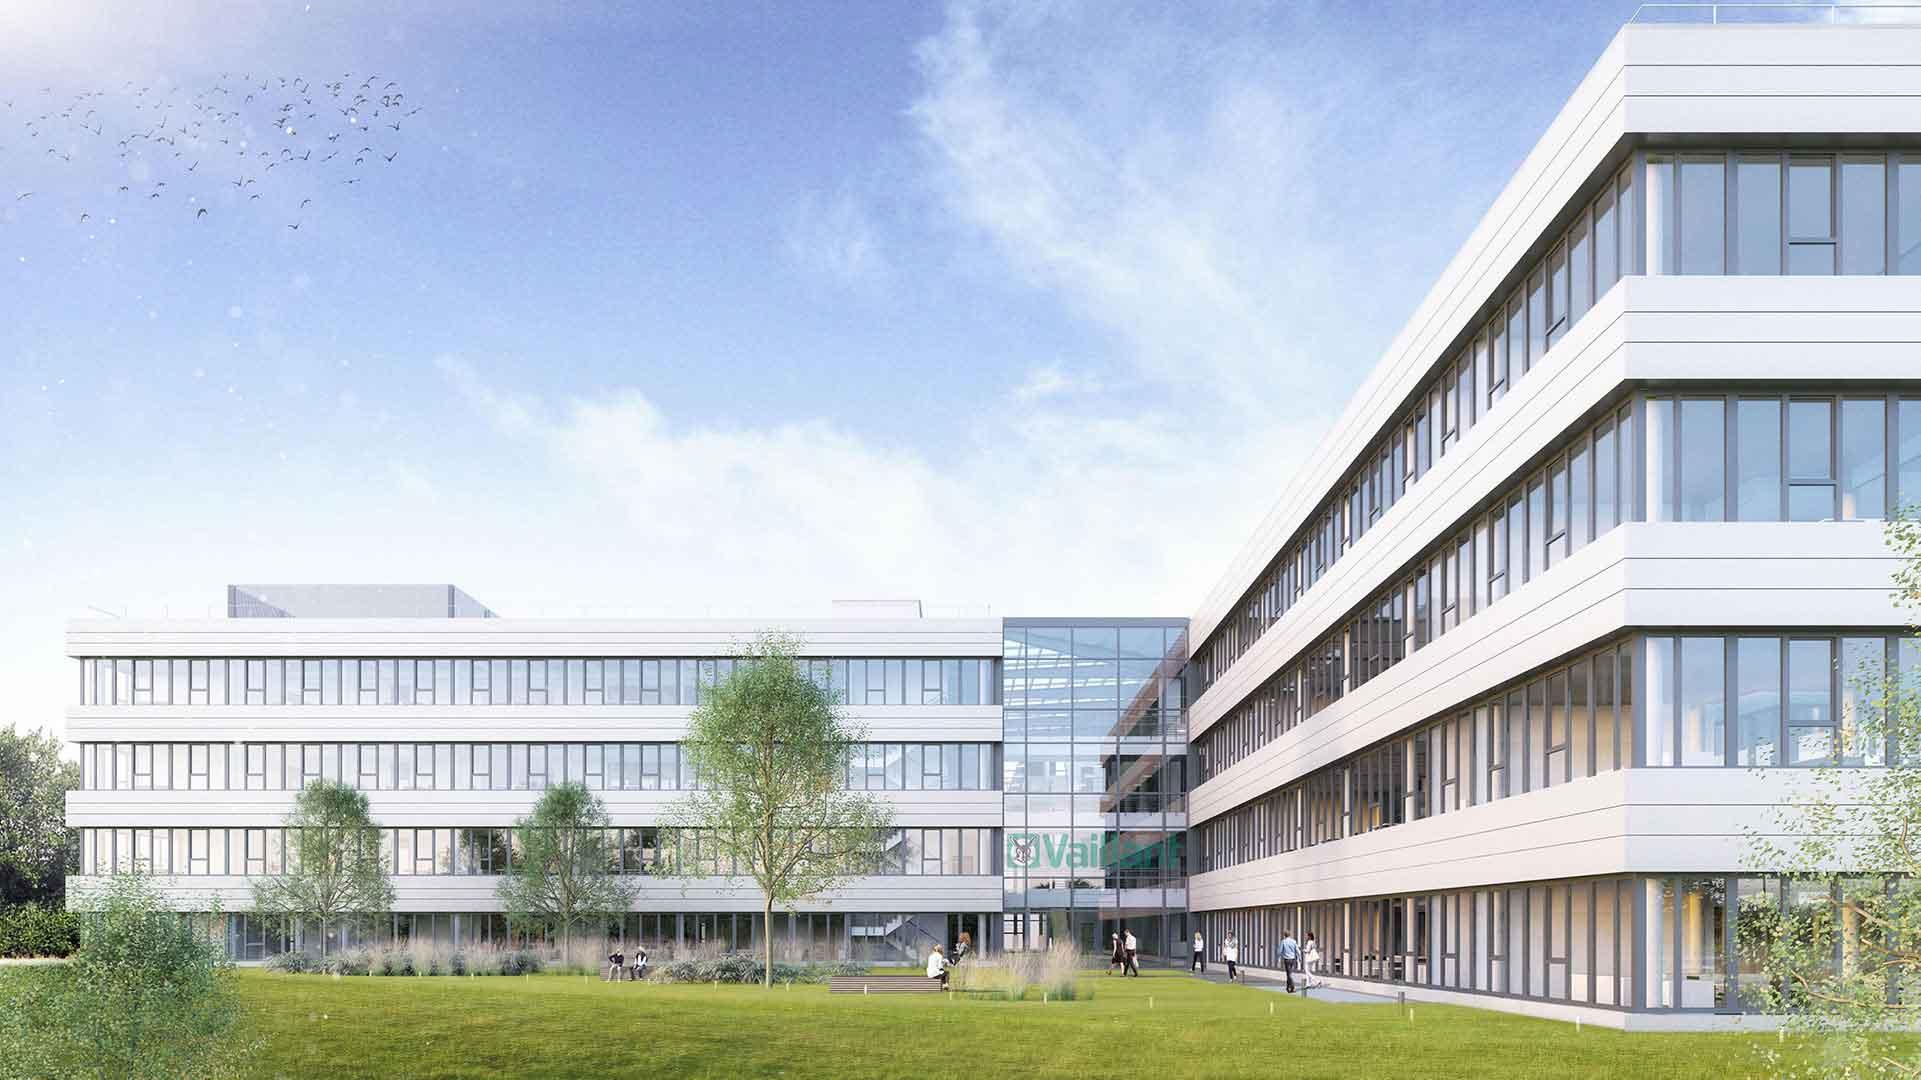 Neubau Testcenter Vaillant, Remscheid